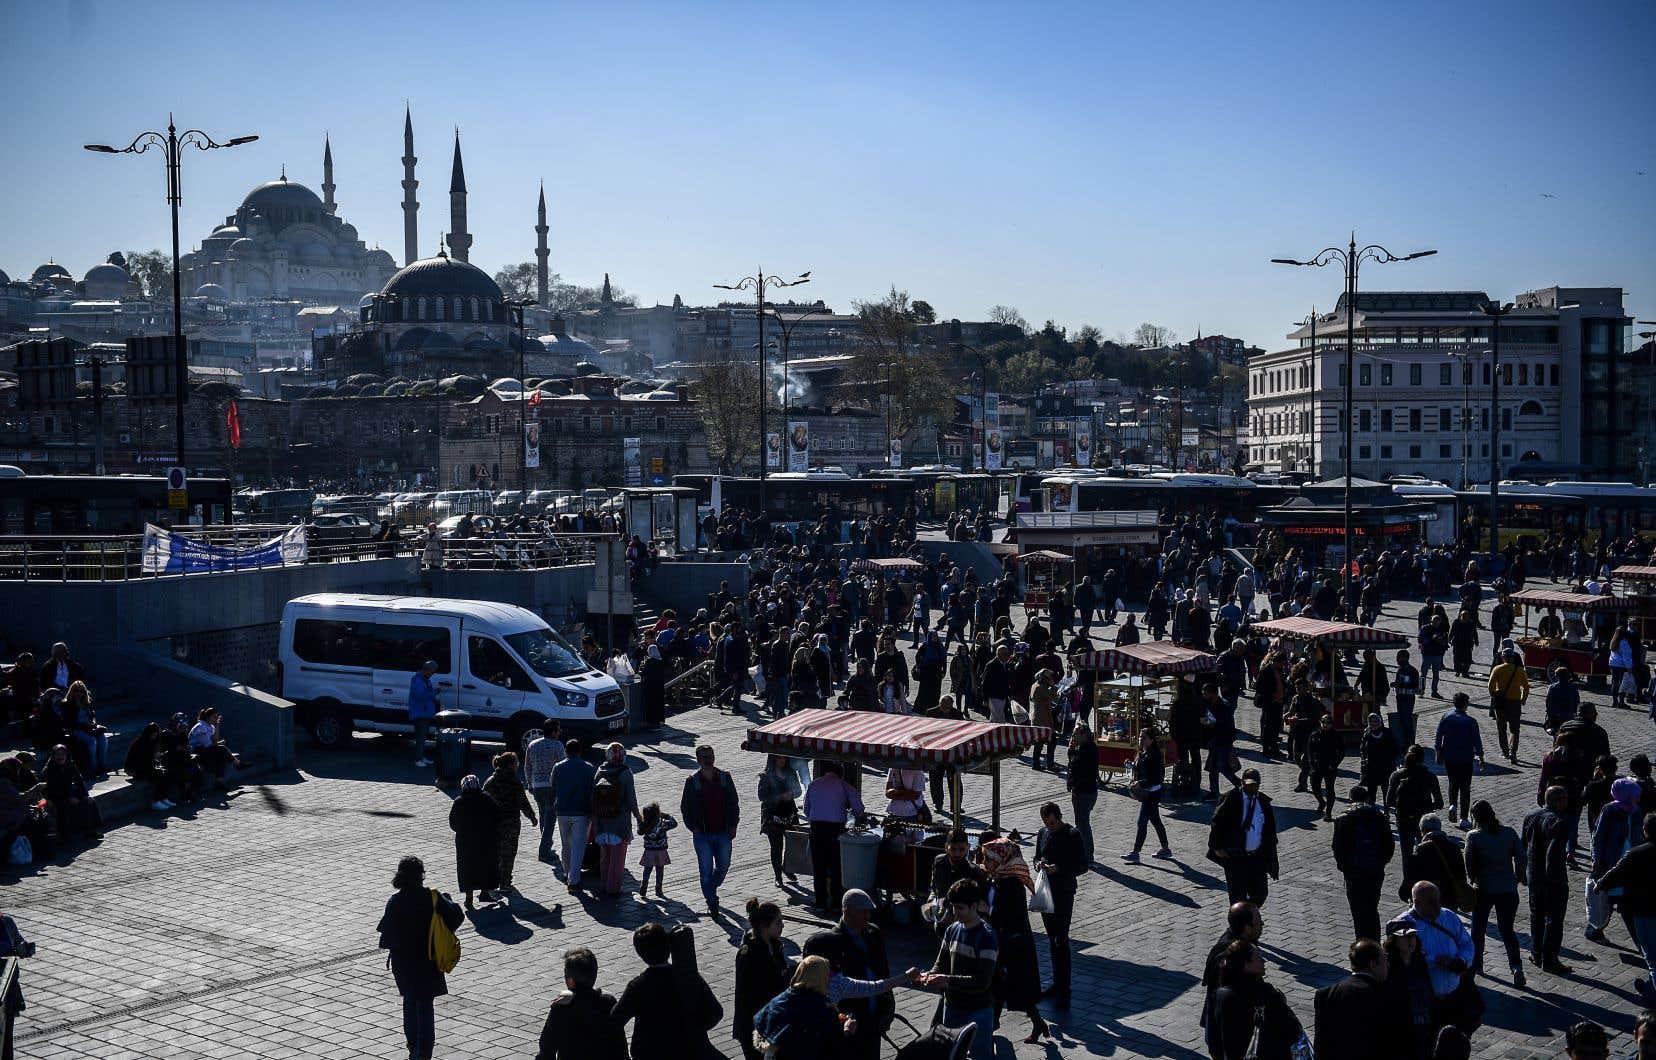 «Istanbul appartient à tous ceux qui veulent bien l'envahir. C'est une ville généreuse qui se laisse manger la laine sur le dos de ses coupoles. Elle est surpeuplée et elle s'en accommode.»